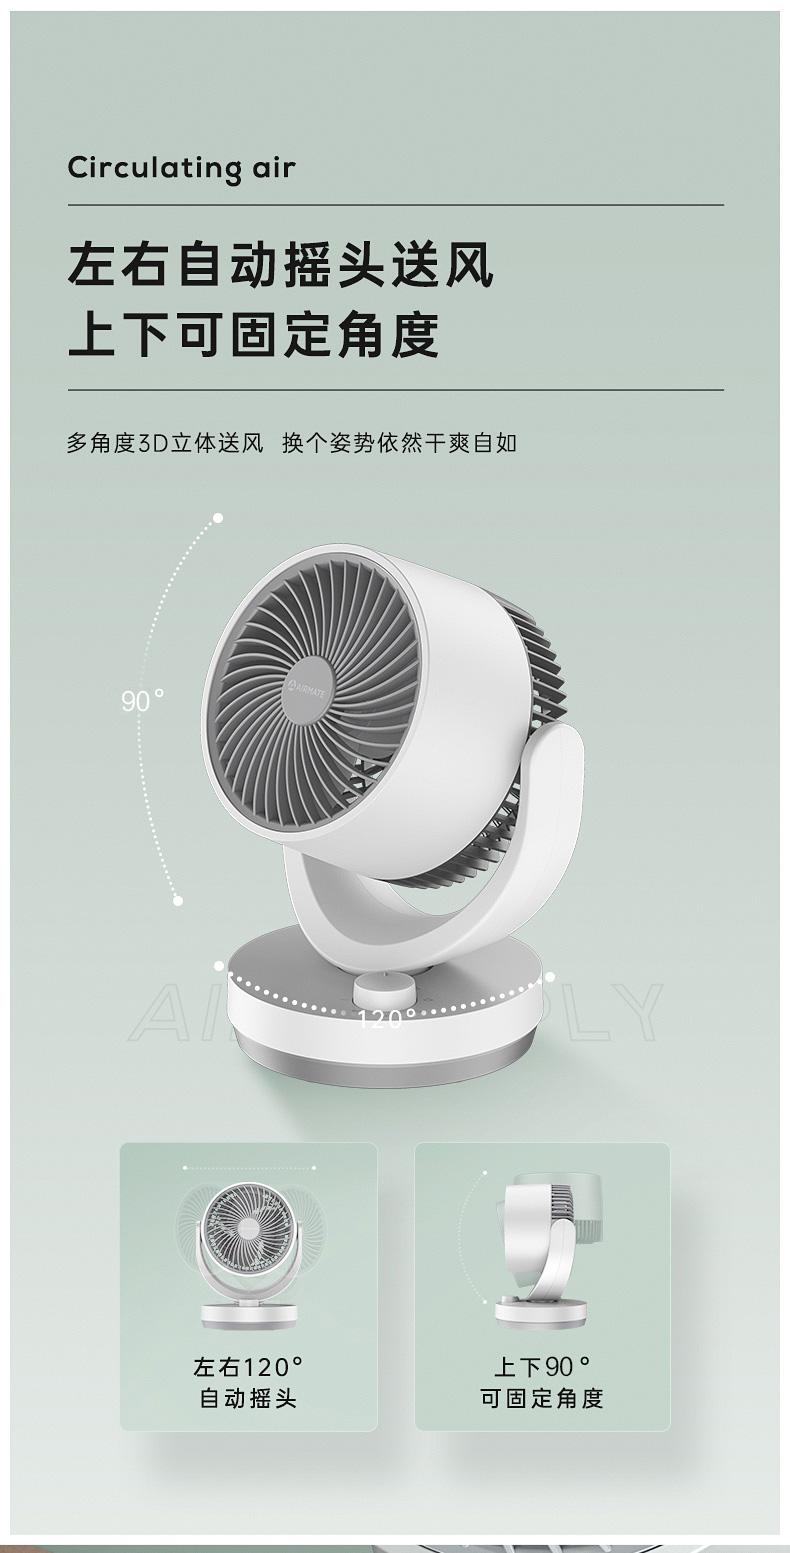 艾美特 可遥控空气循环扇 三叶涡轮巨幅扇叶 图12